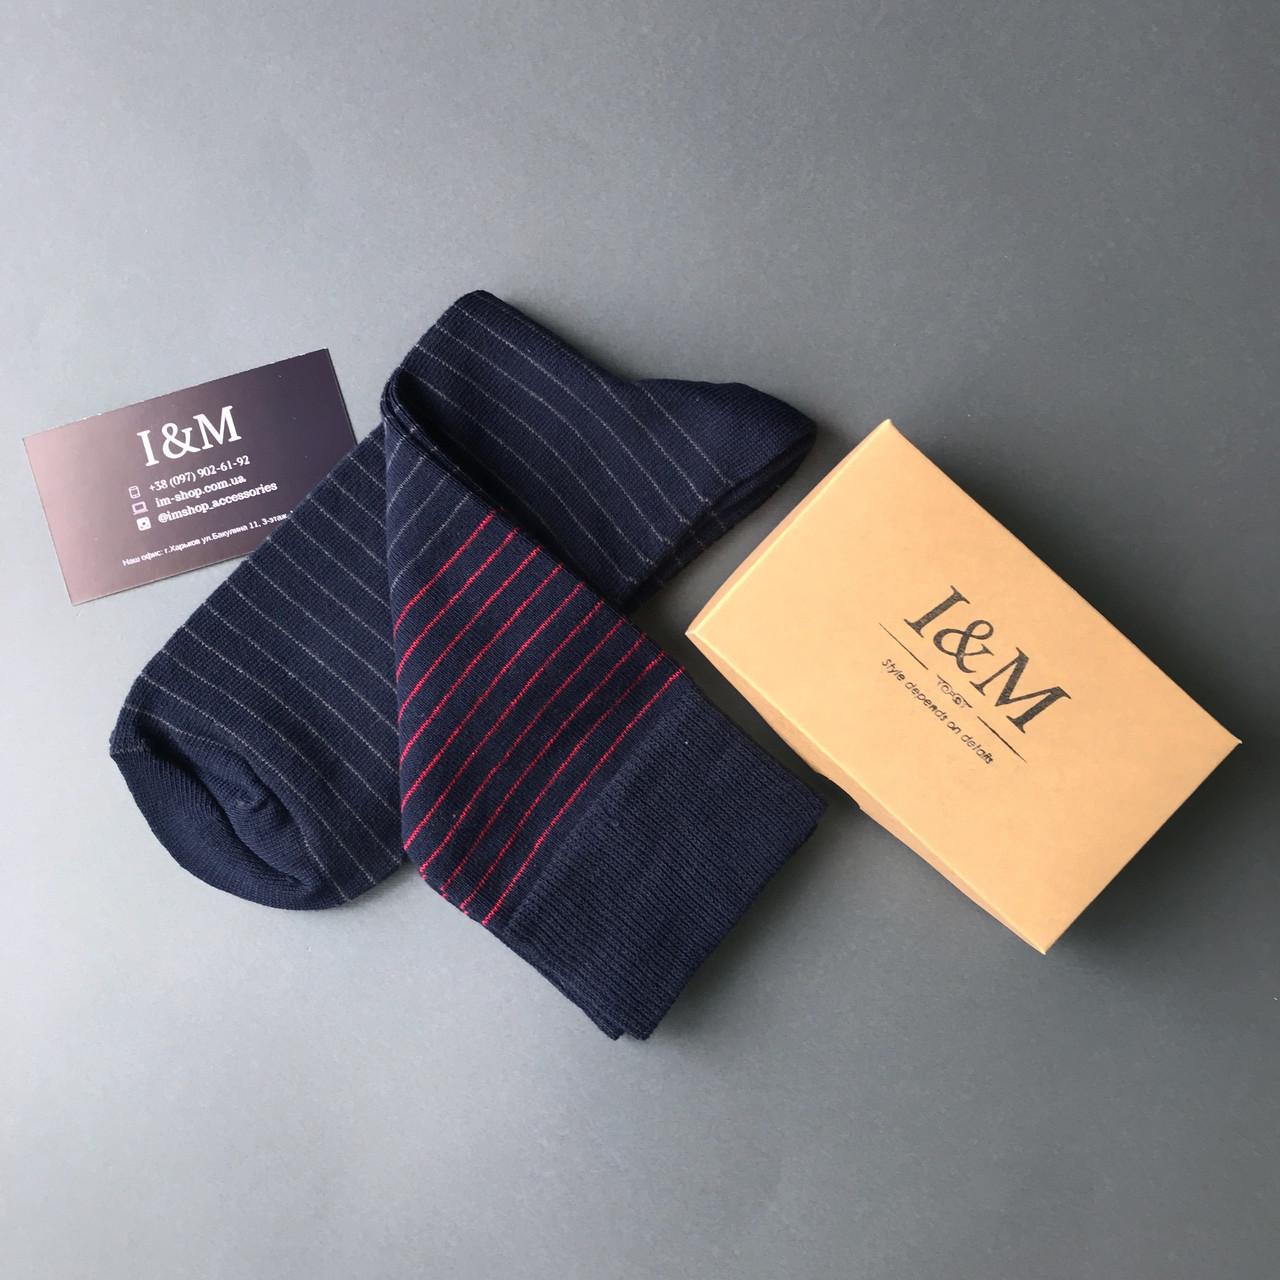 Носки I&M Craft темно-синие с серой и красной полоской (070217)